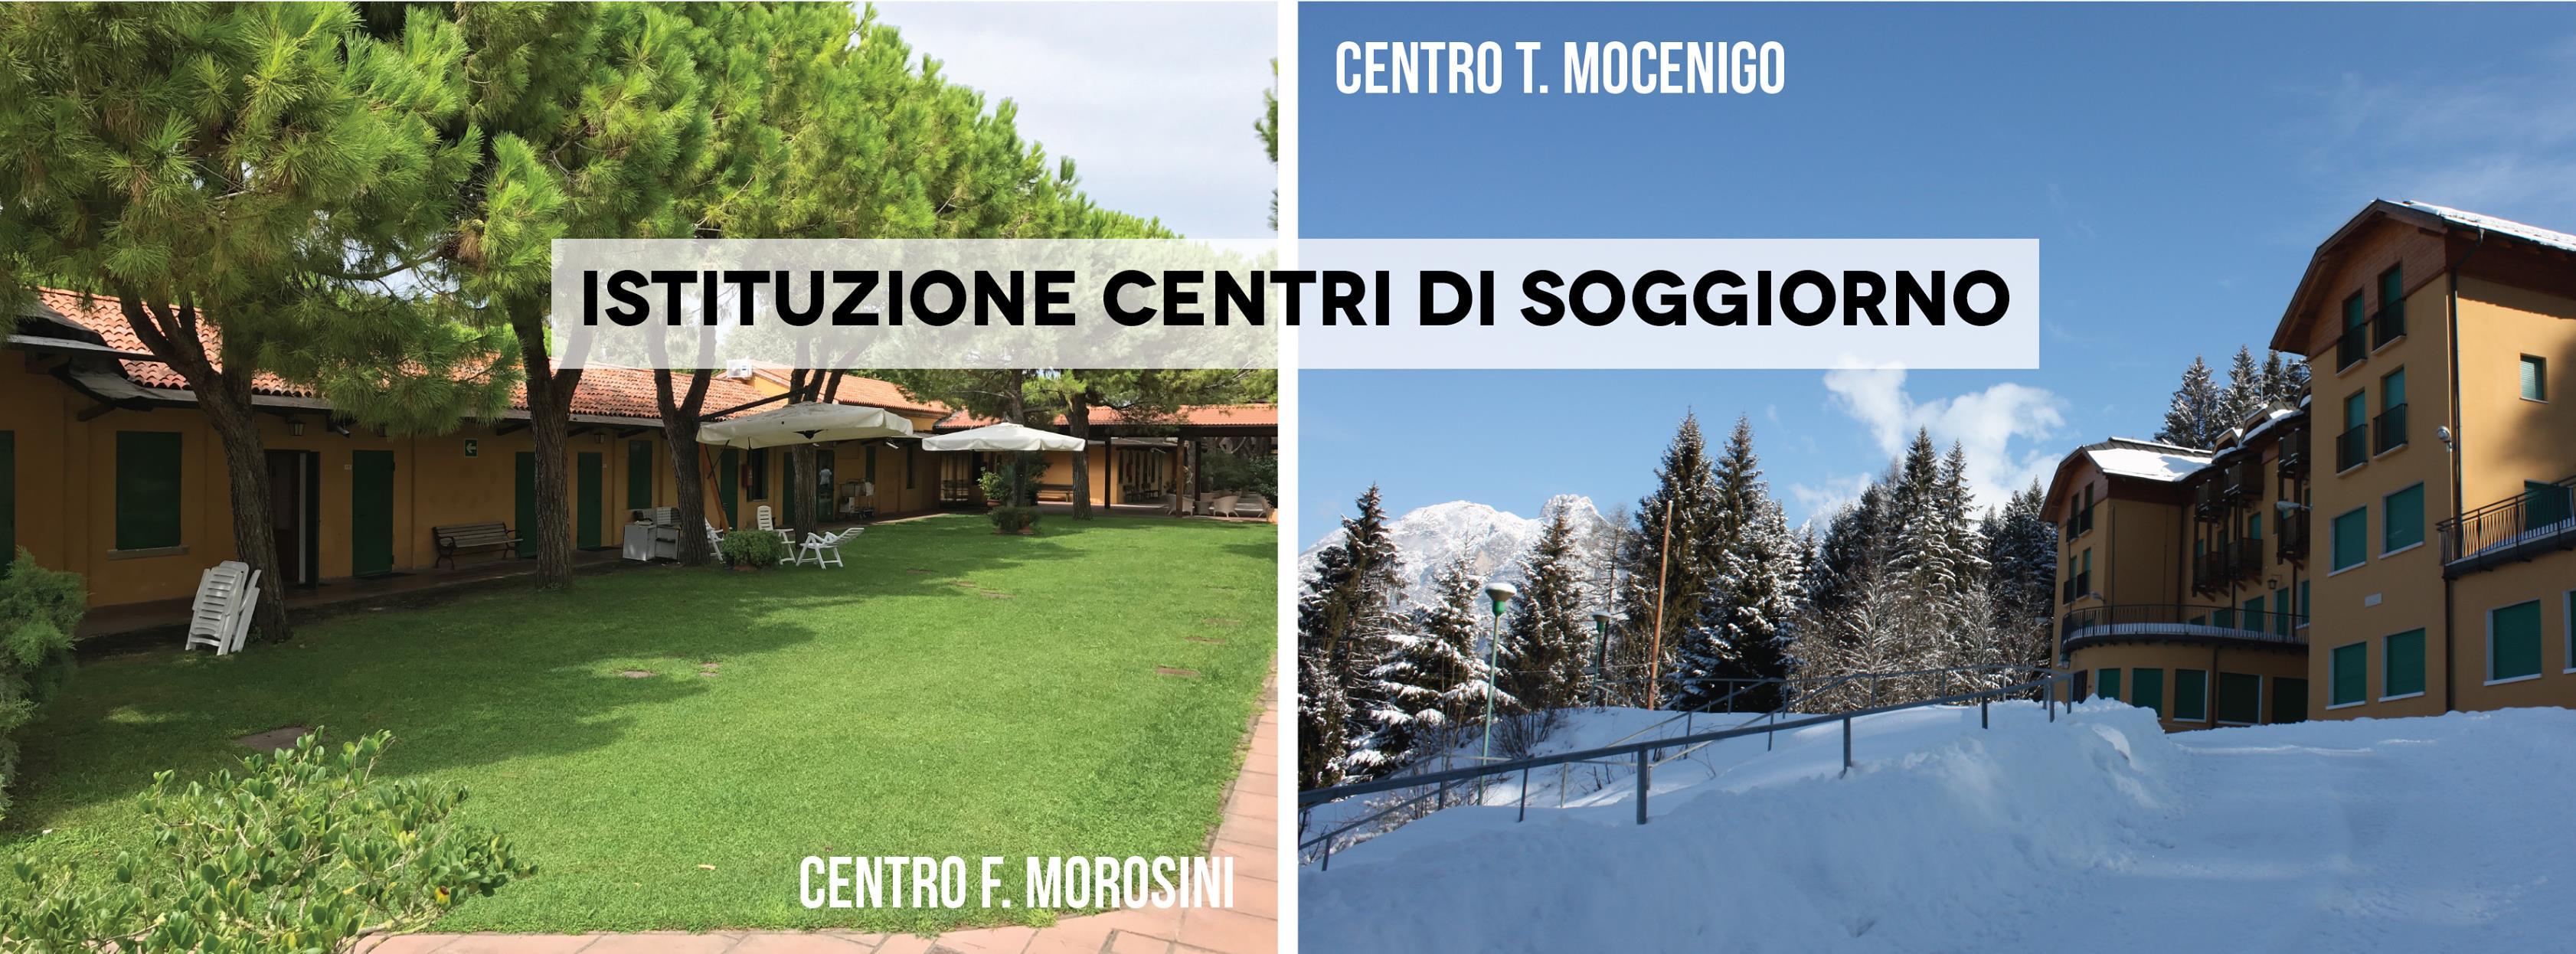 Beautiful Comune Di Venezia Imposta Di Soggiorno Images - Amazing ...